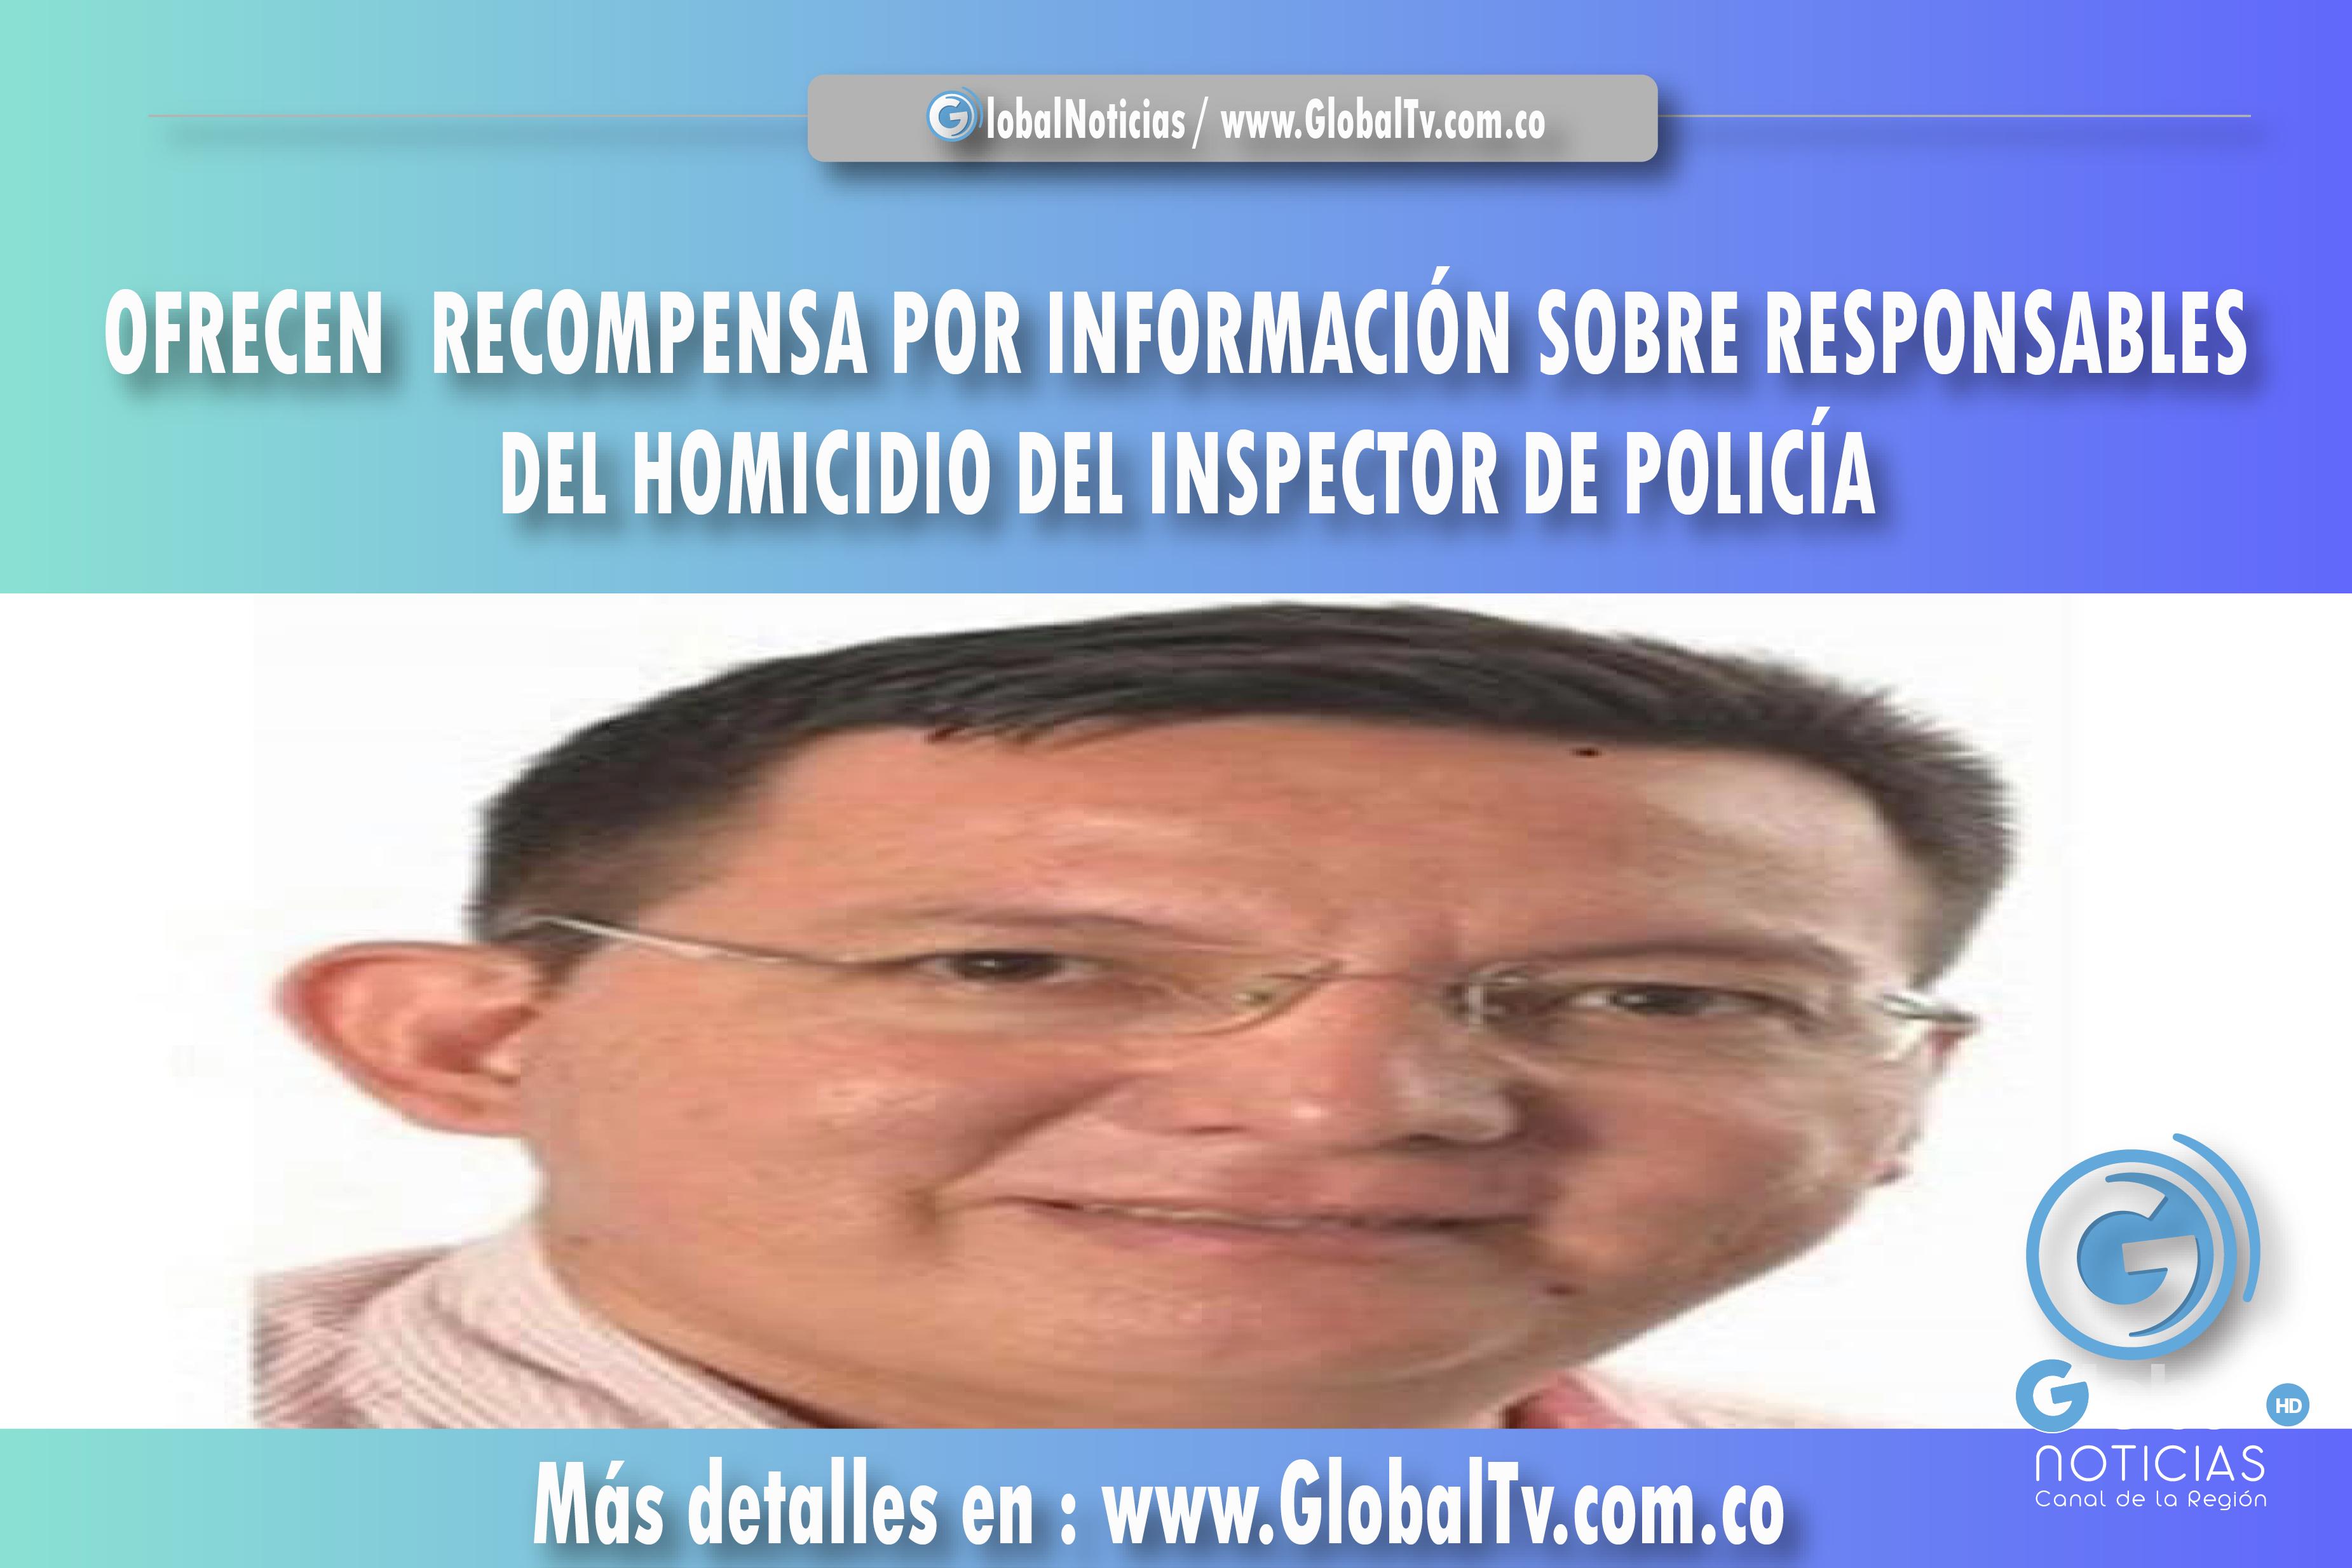 HASTA 10 MILLONES DE PESOS DE RECOMPENSA POR INFORMACIÓN SOBRE RESPONSABLES DEL HOMICIDIO DEL INSPECTOR DE POLICÍA